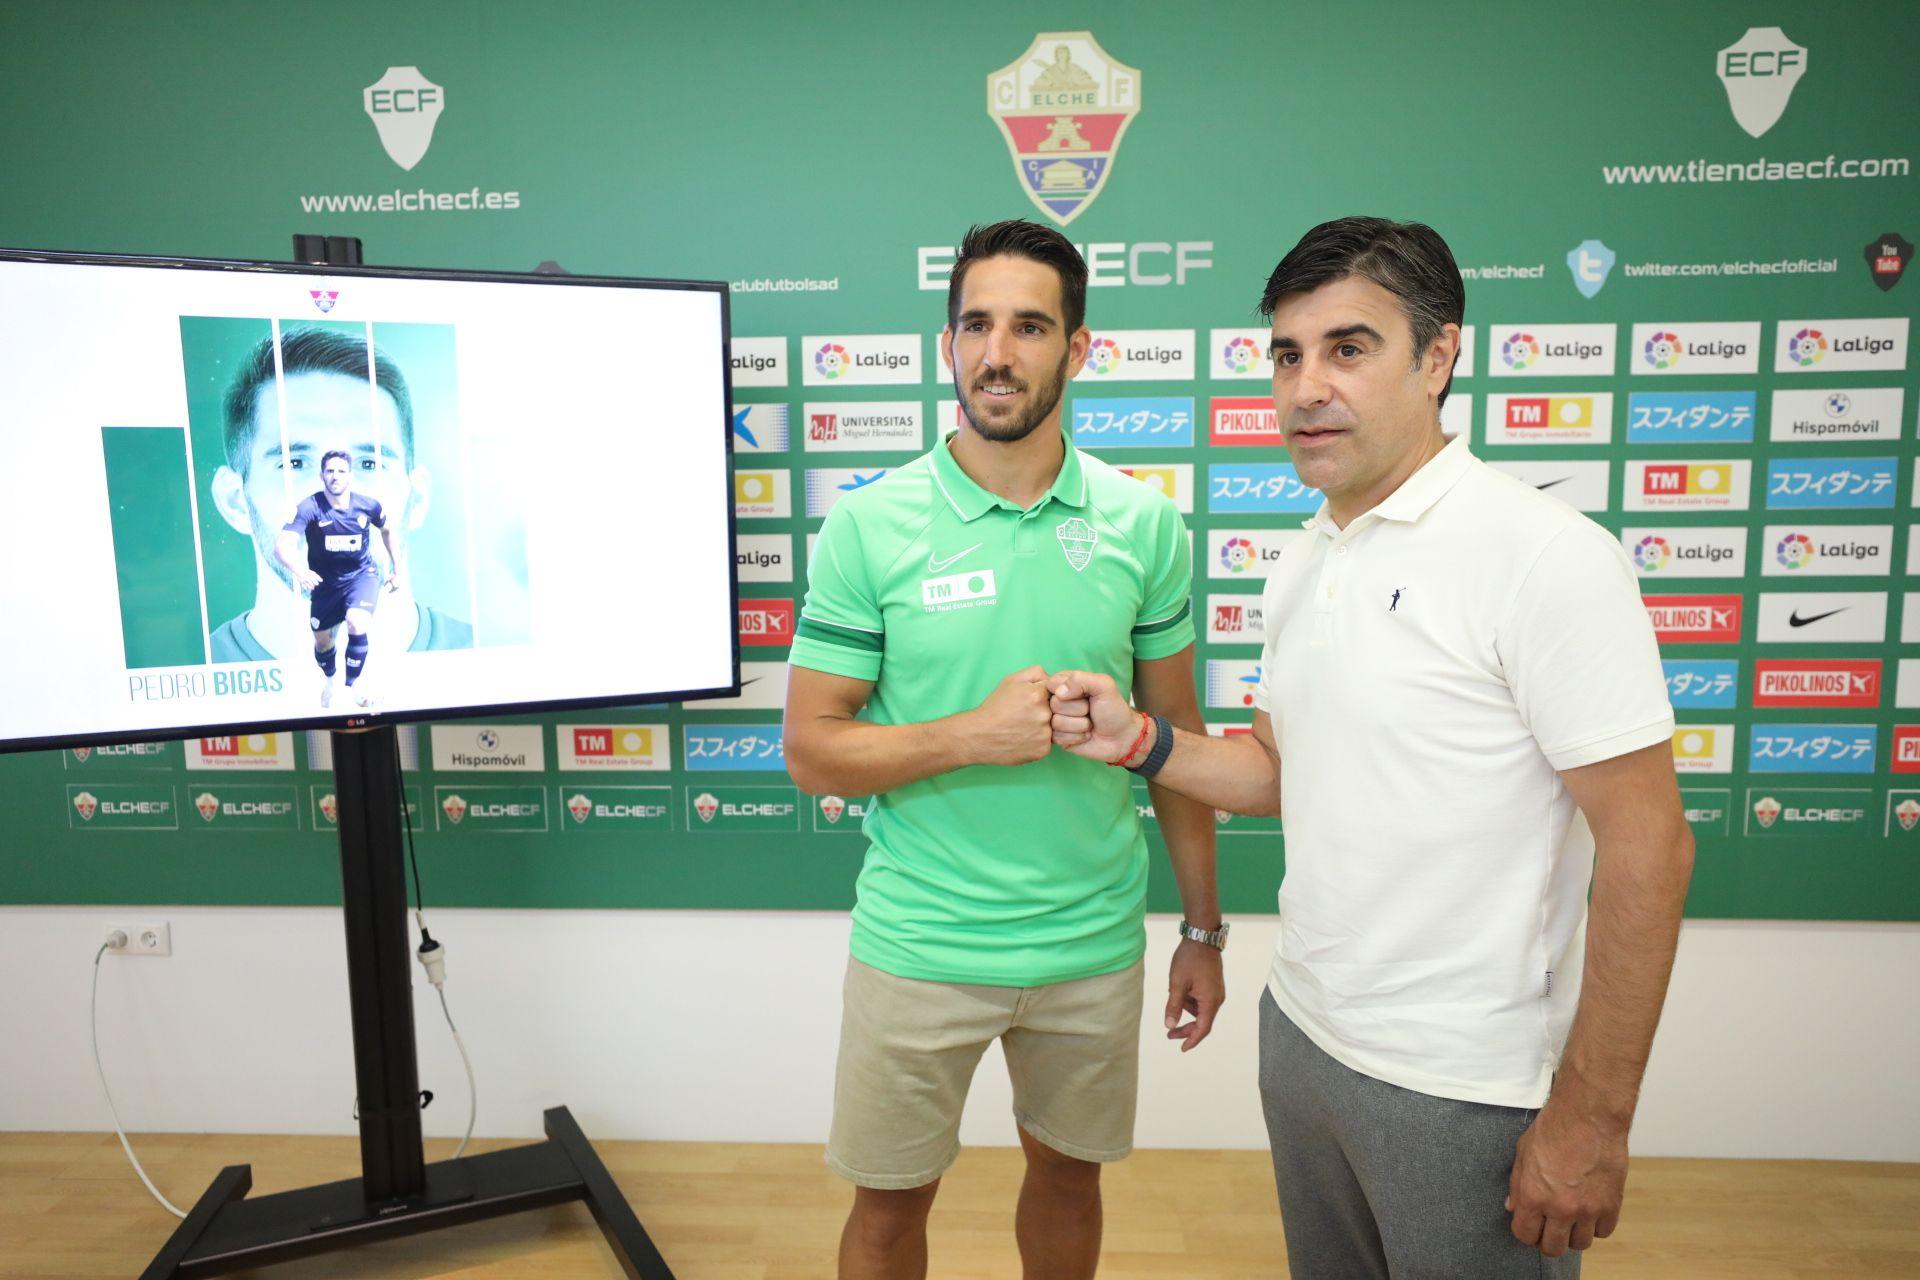 Pedro Bigas nuevo jugador Elche CF